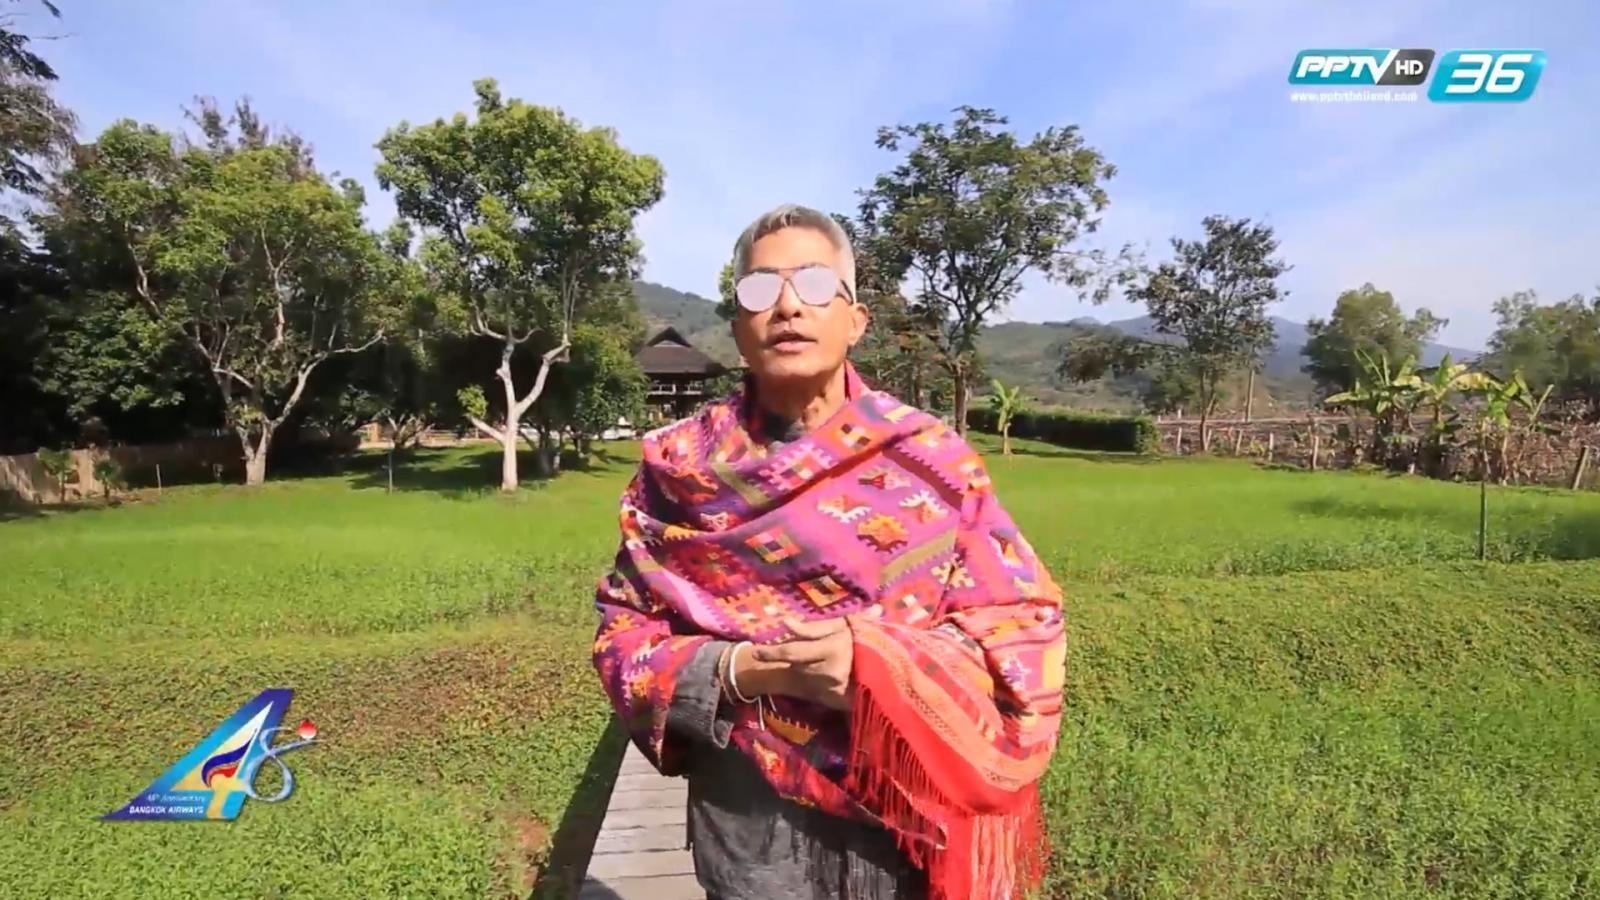 EP97 Chiang Rai 4